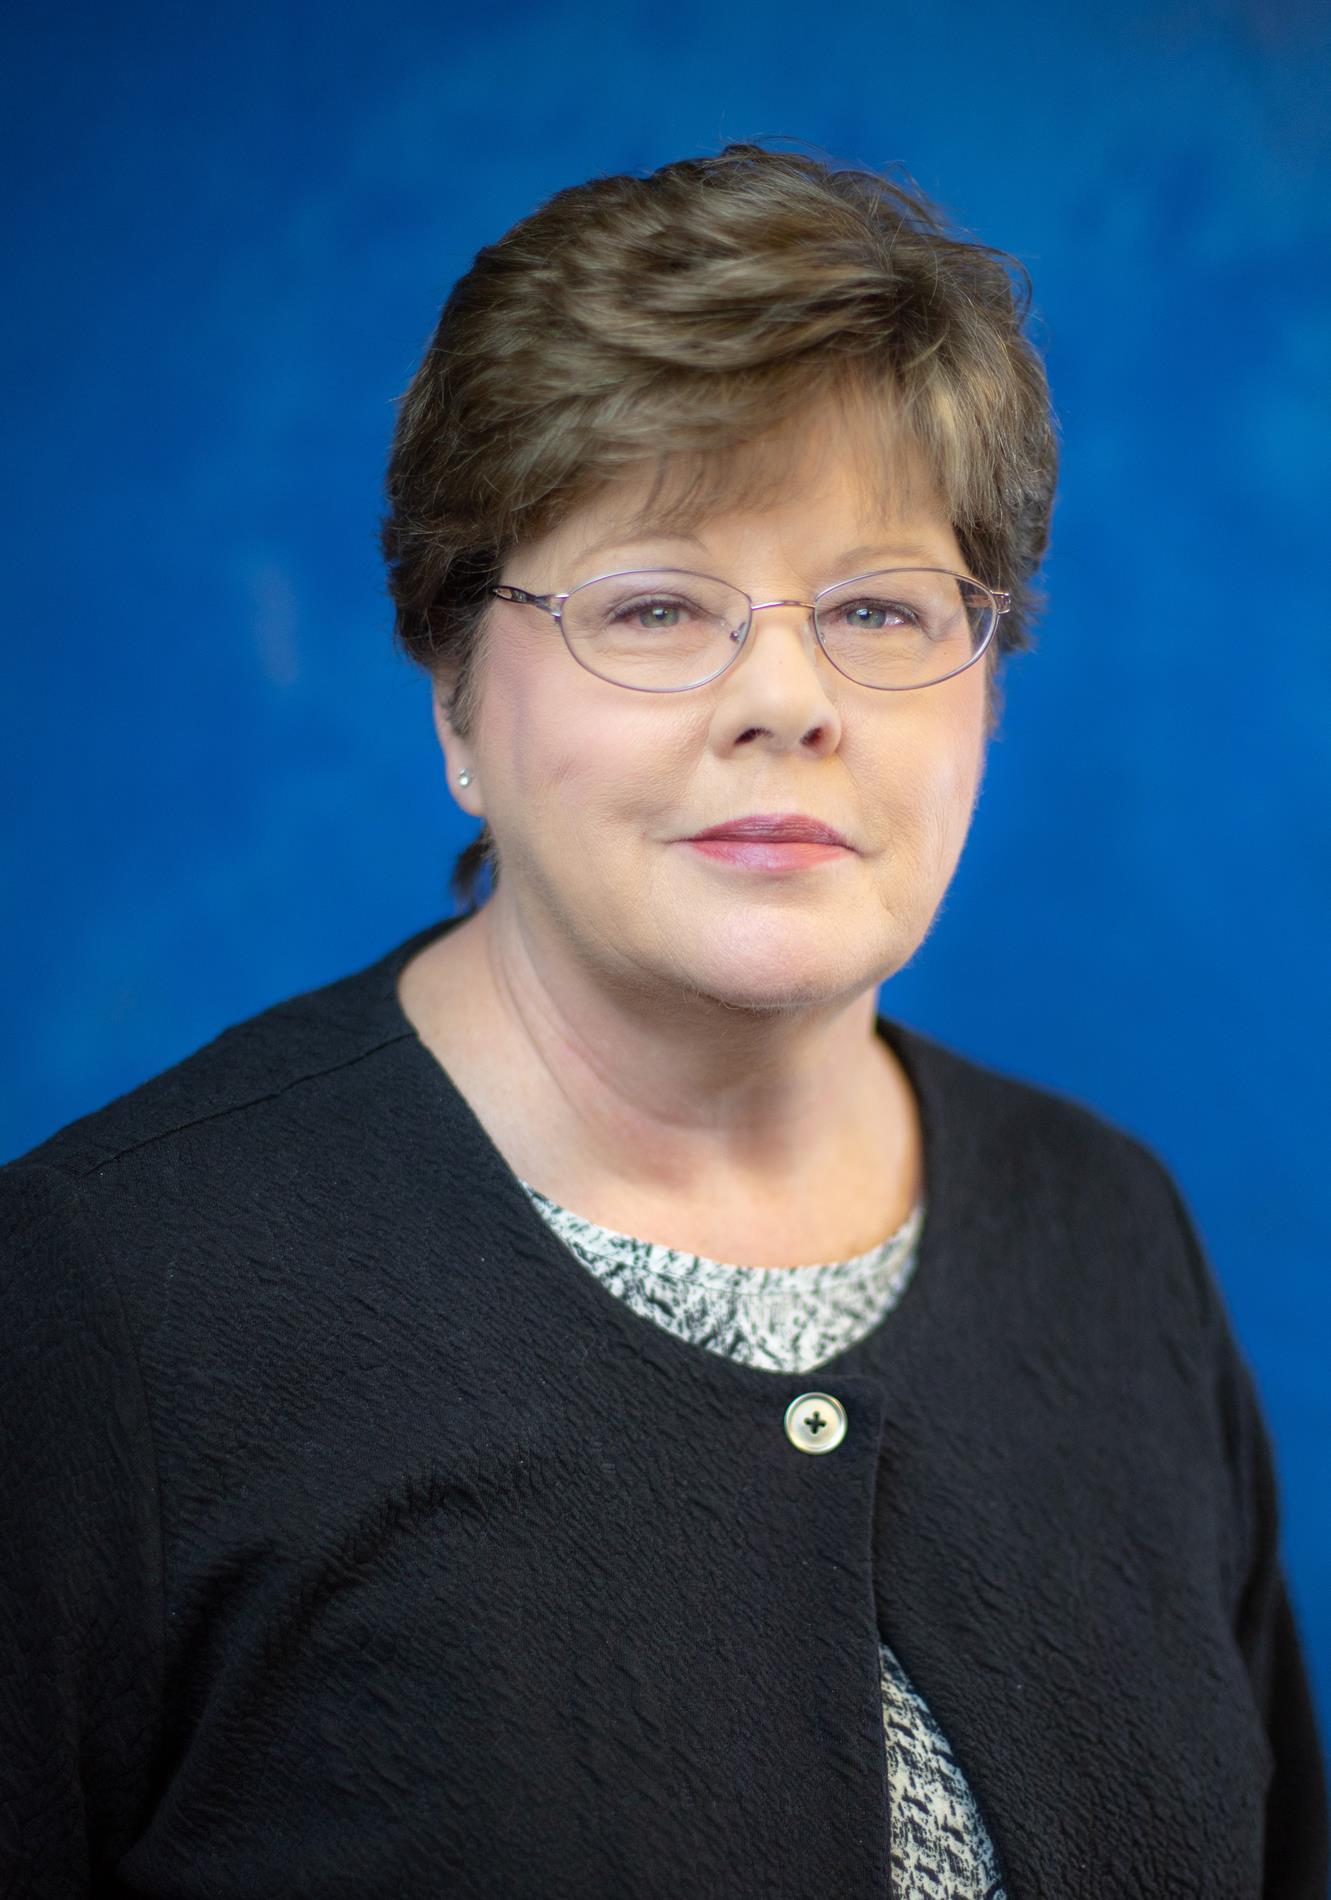 Beth Holt CEN, Supervisor, HCBE